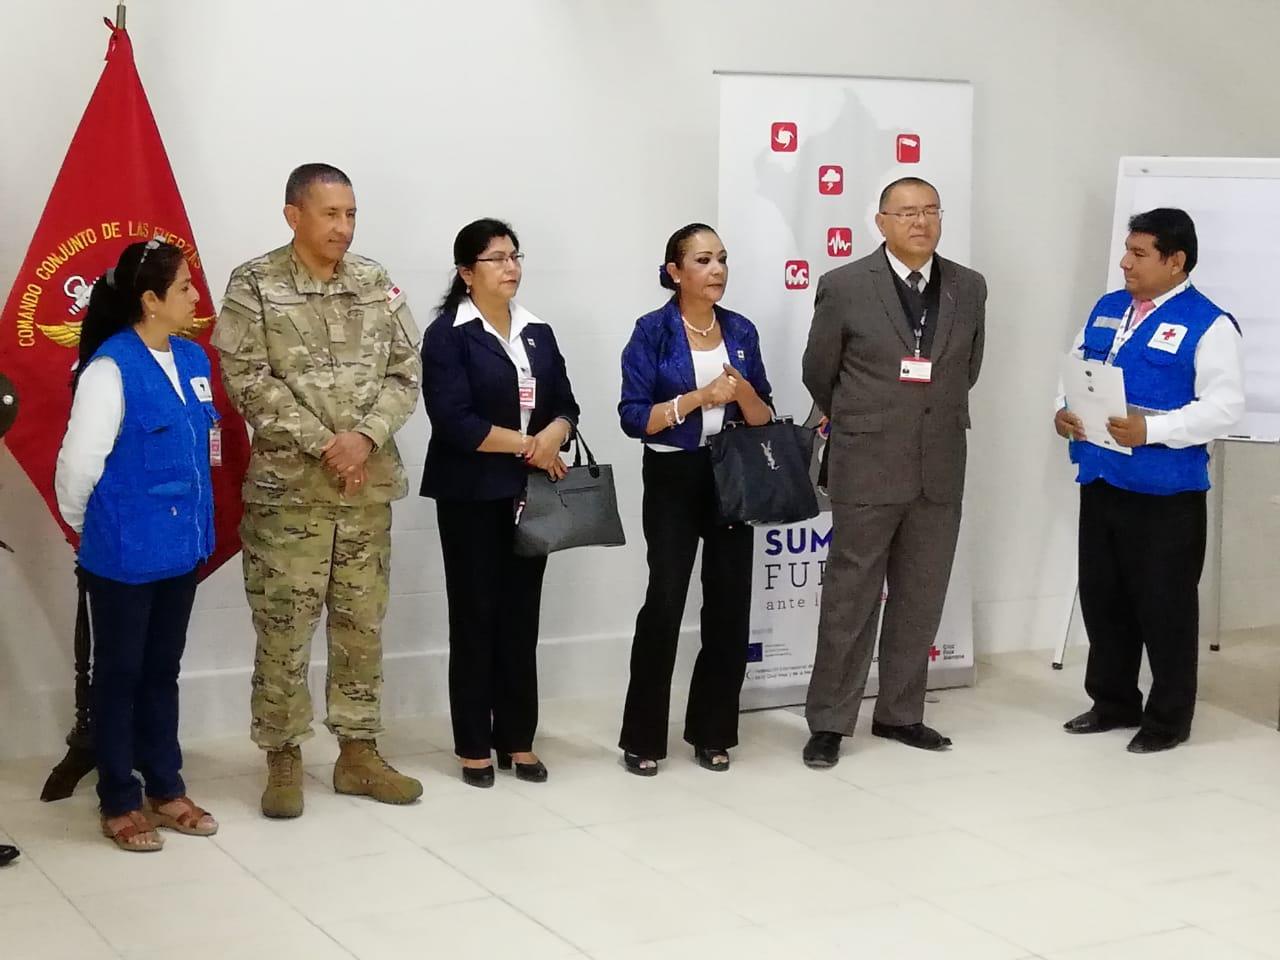 Curso de Relaciones Cívico-Militares, Piura 2018